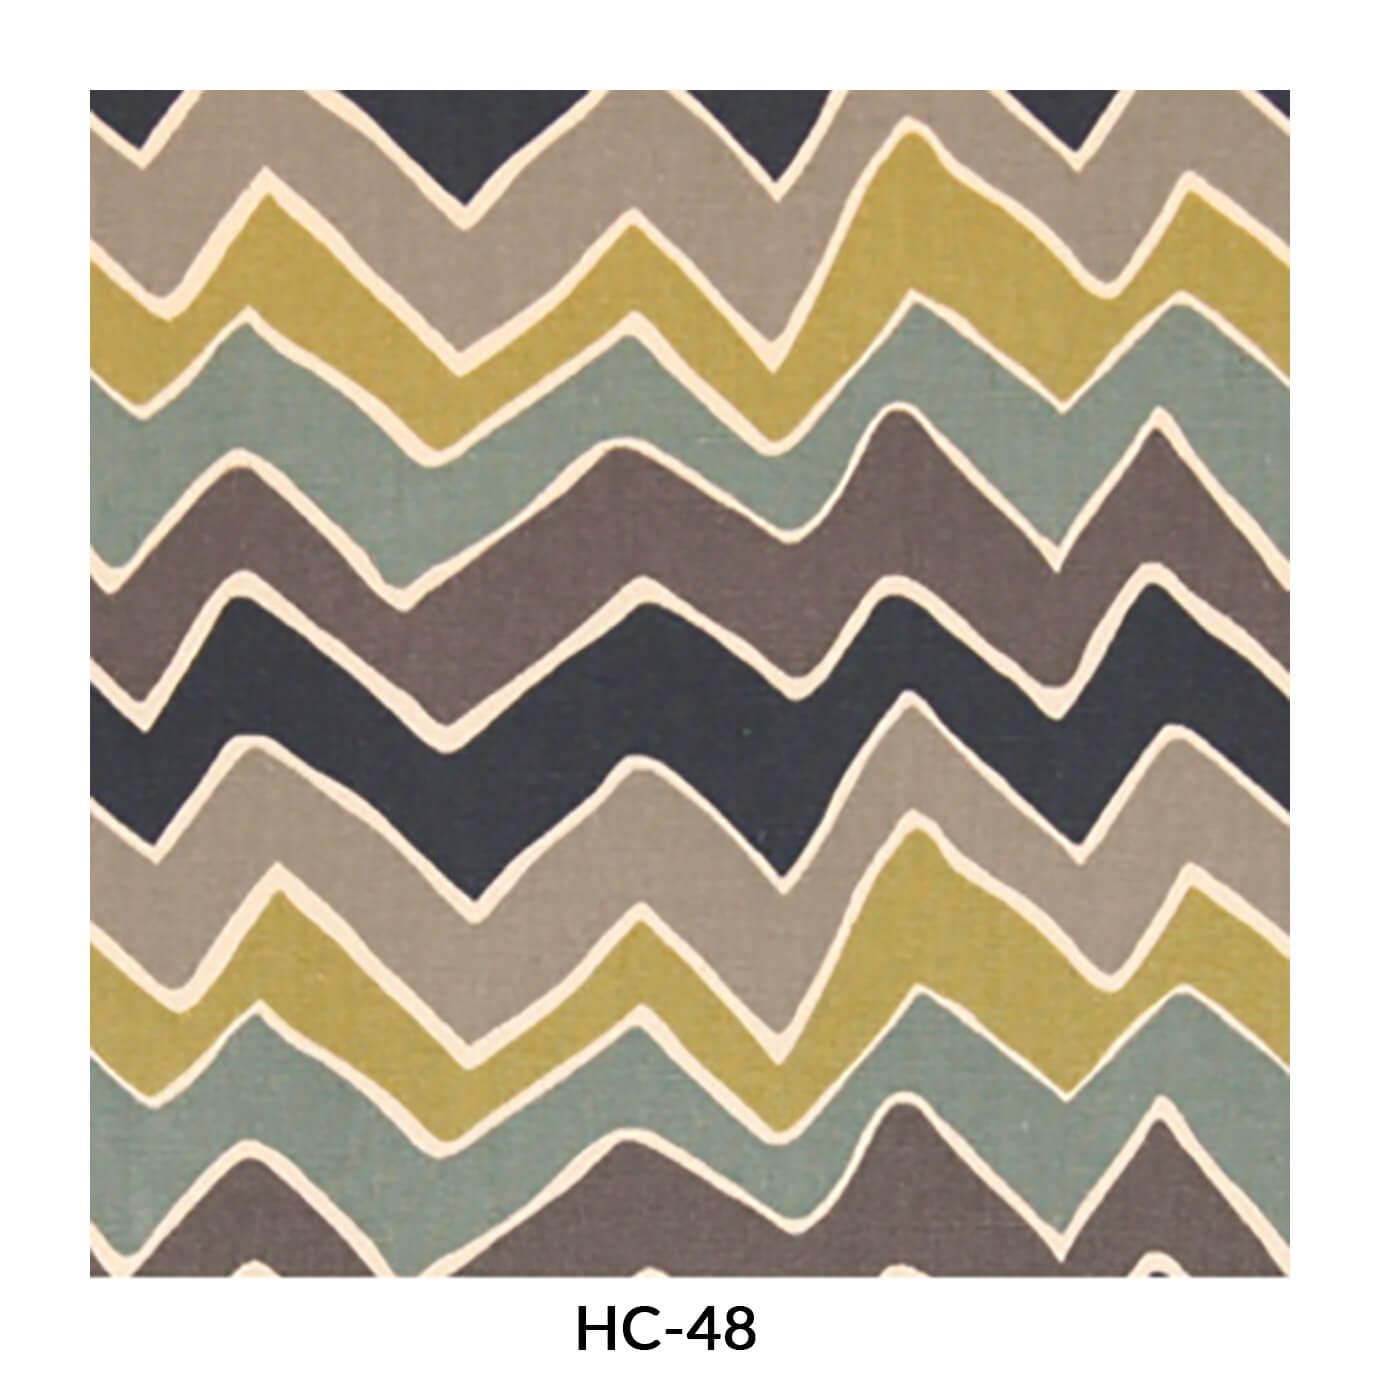 hc-48.jpg